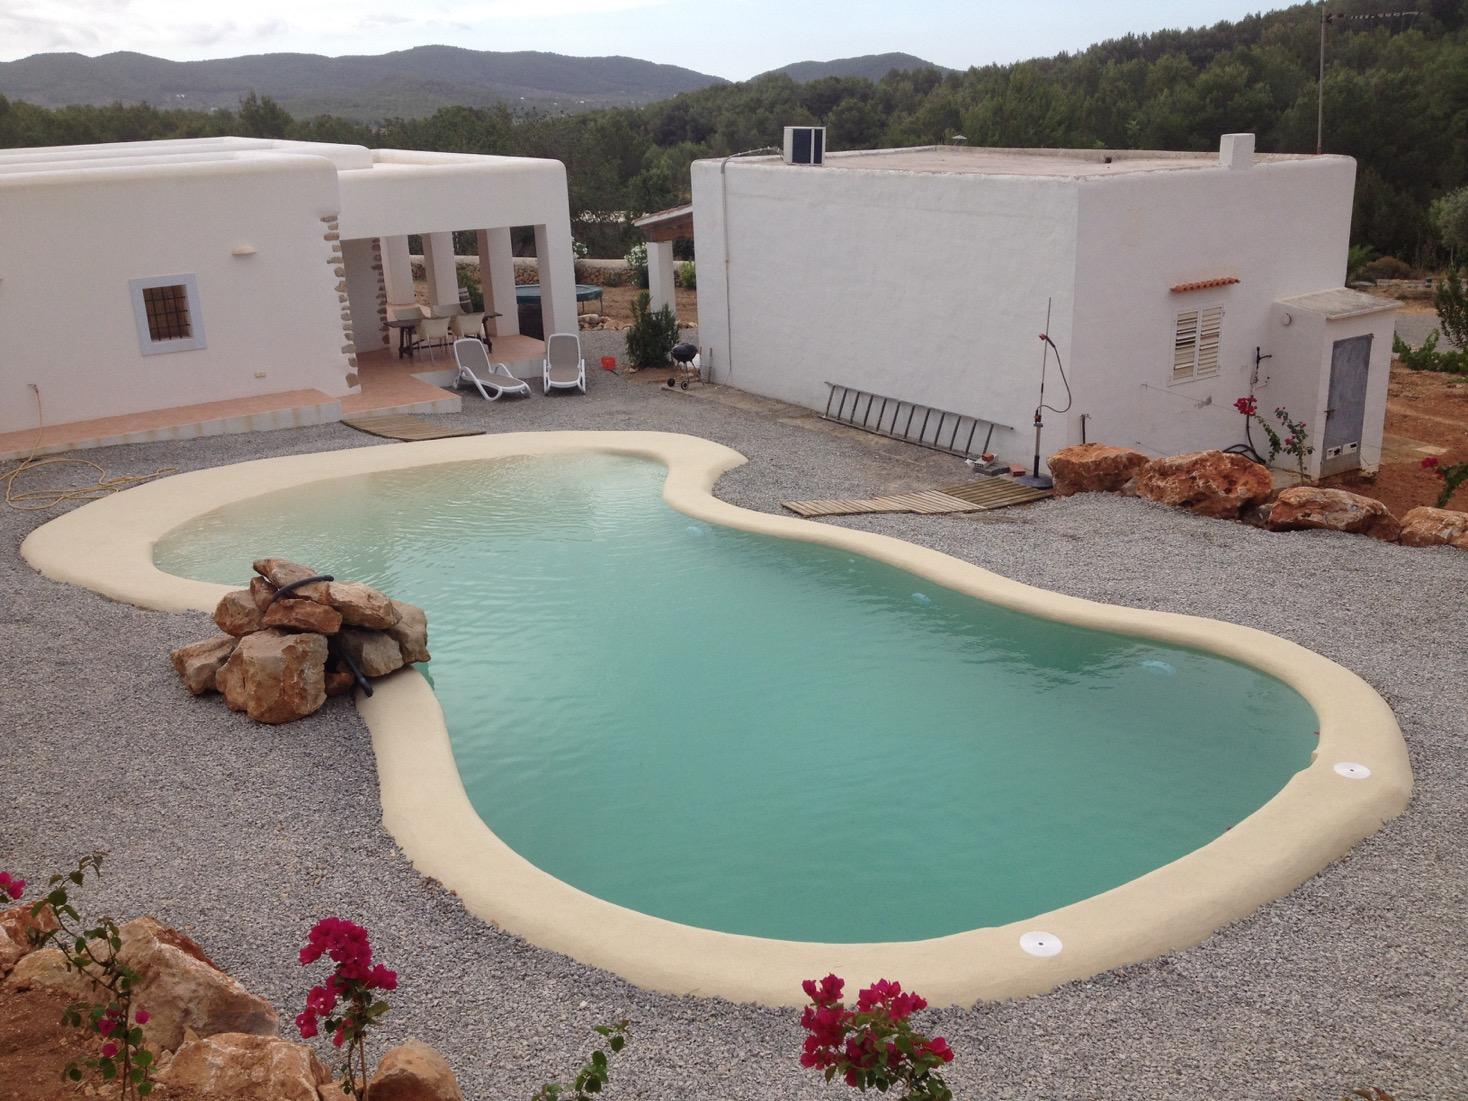 Expertos piscinas de arena spas jacuzzis for Piscinas de arena